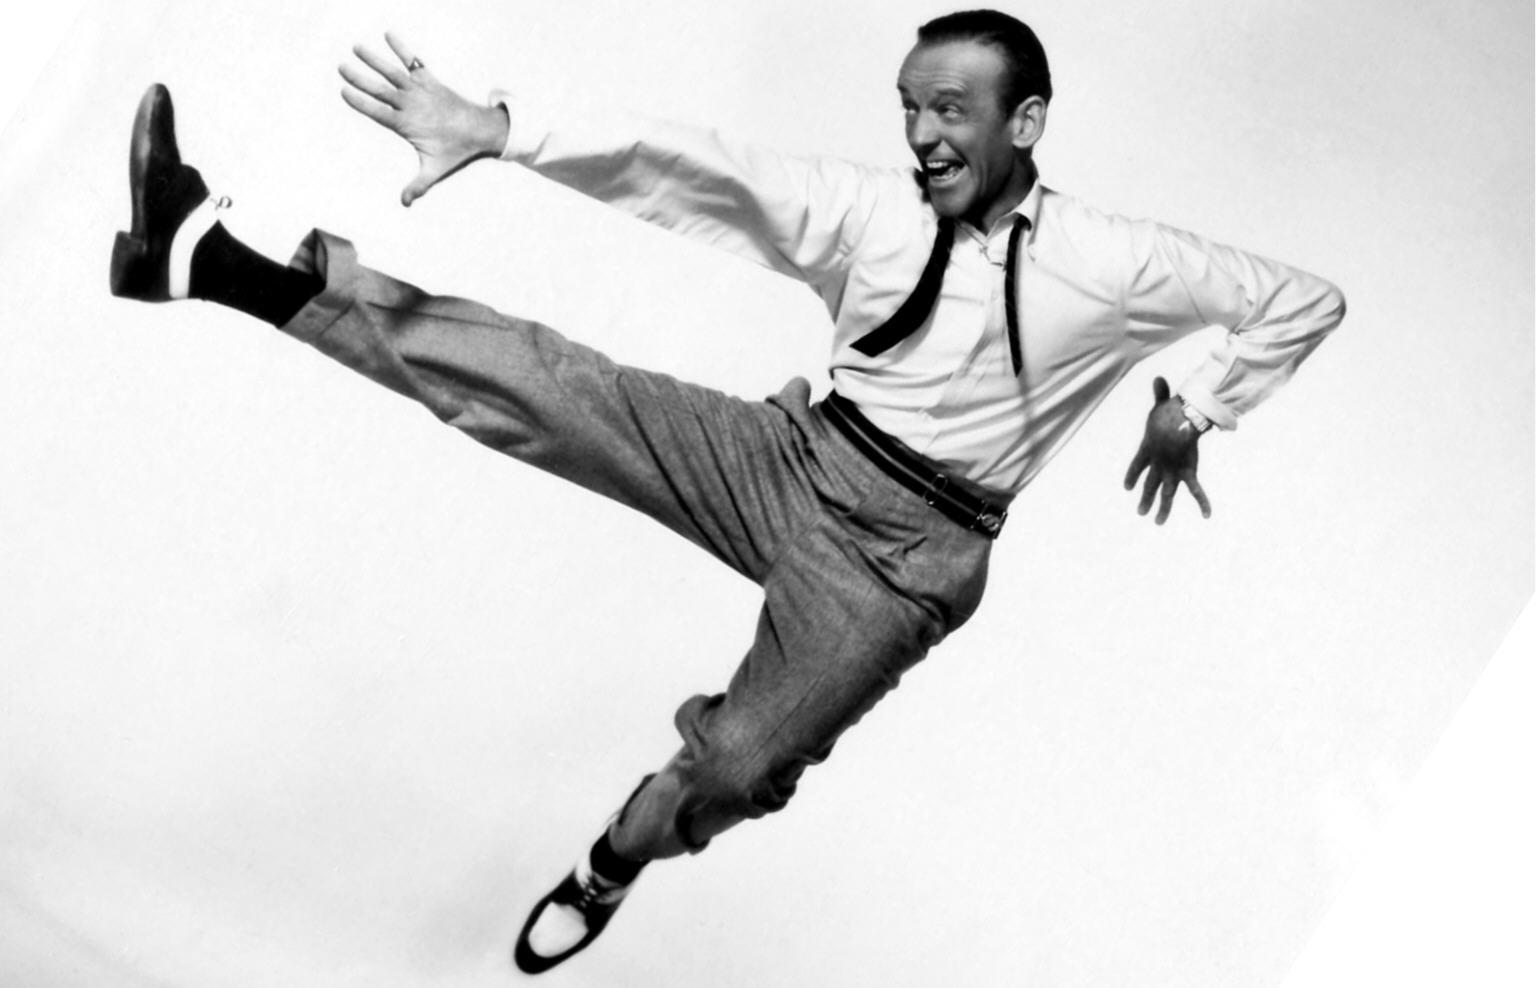 L'uomo che faceva l'amore ballando: 4 curiosità su Fred Astaire